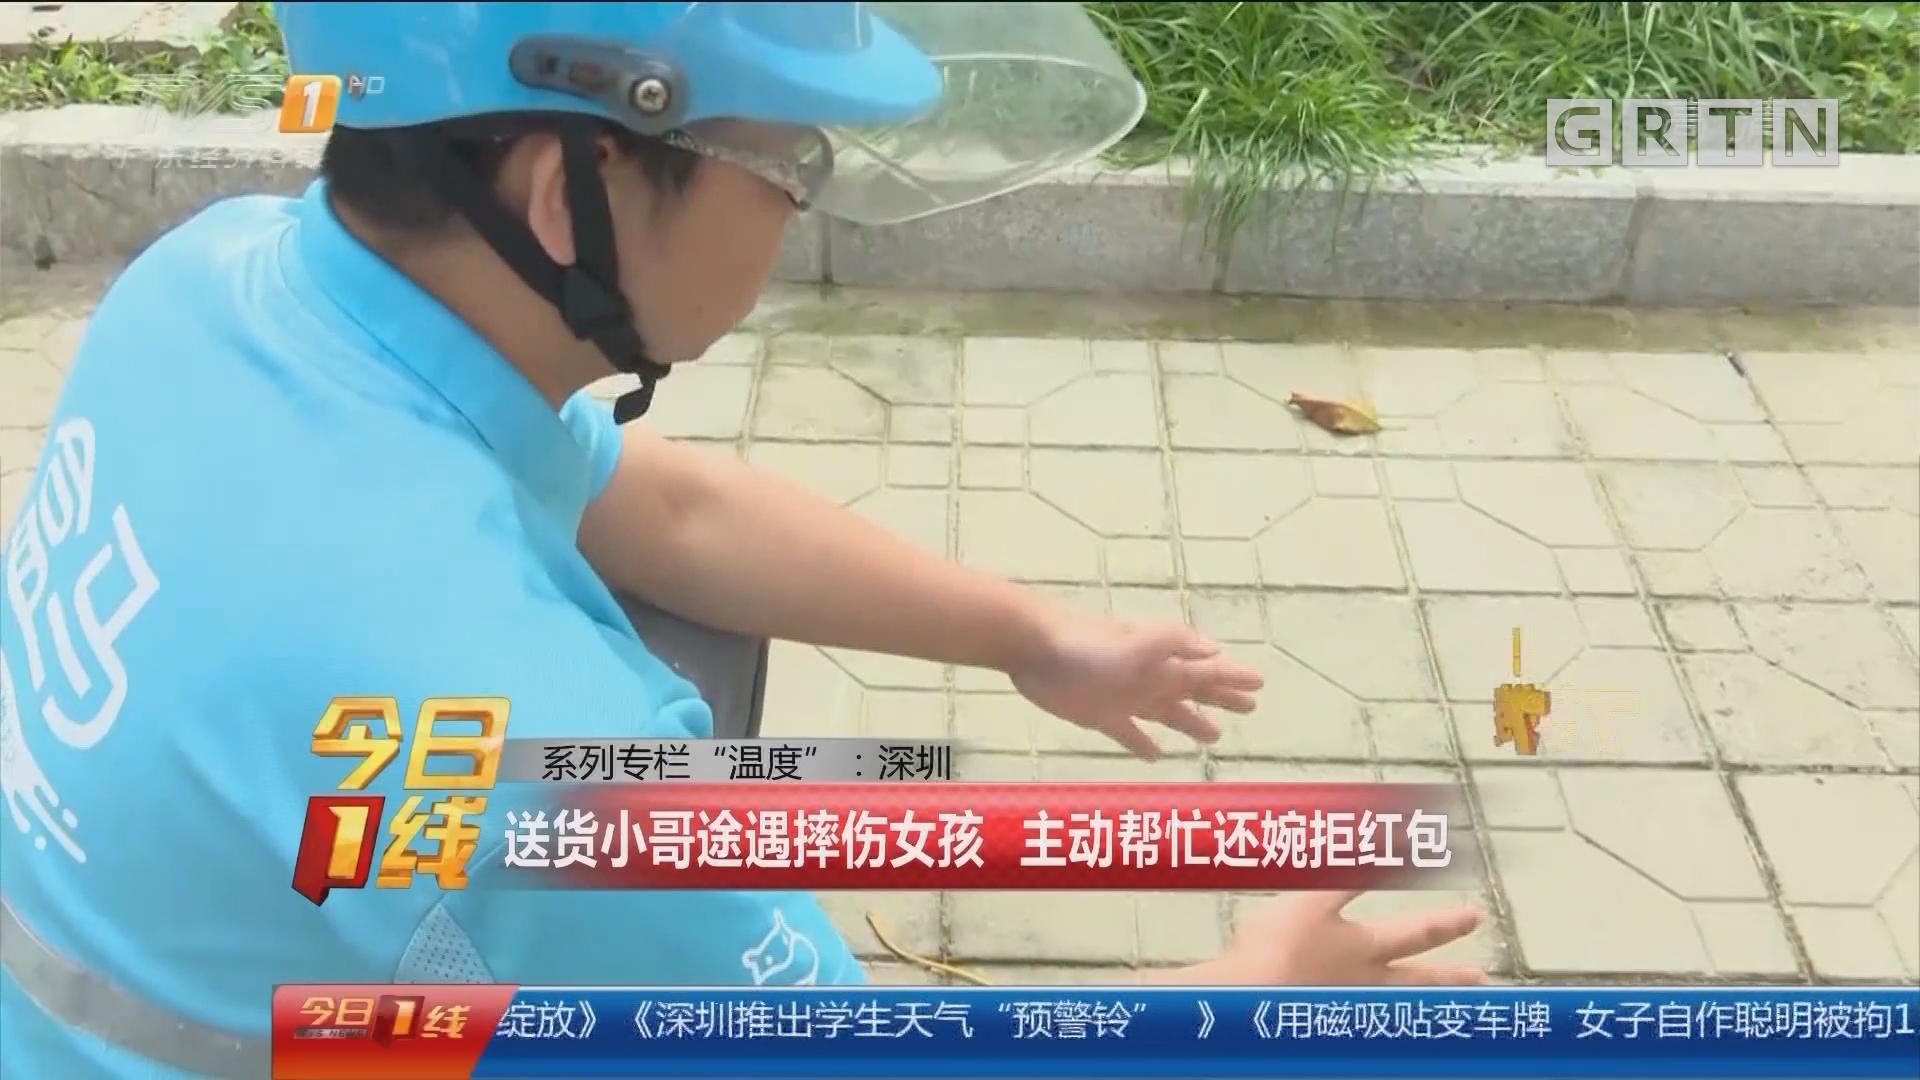 """系列专栏""""温度"""":深圳 送货小哥途遇摔伤女孩 主动帮忙还婉拒红包"""